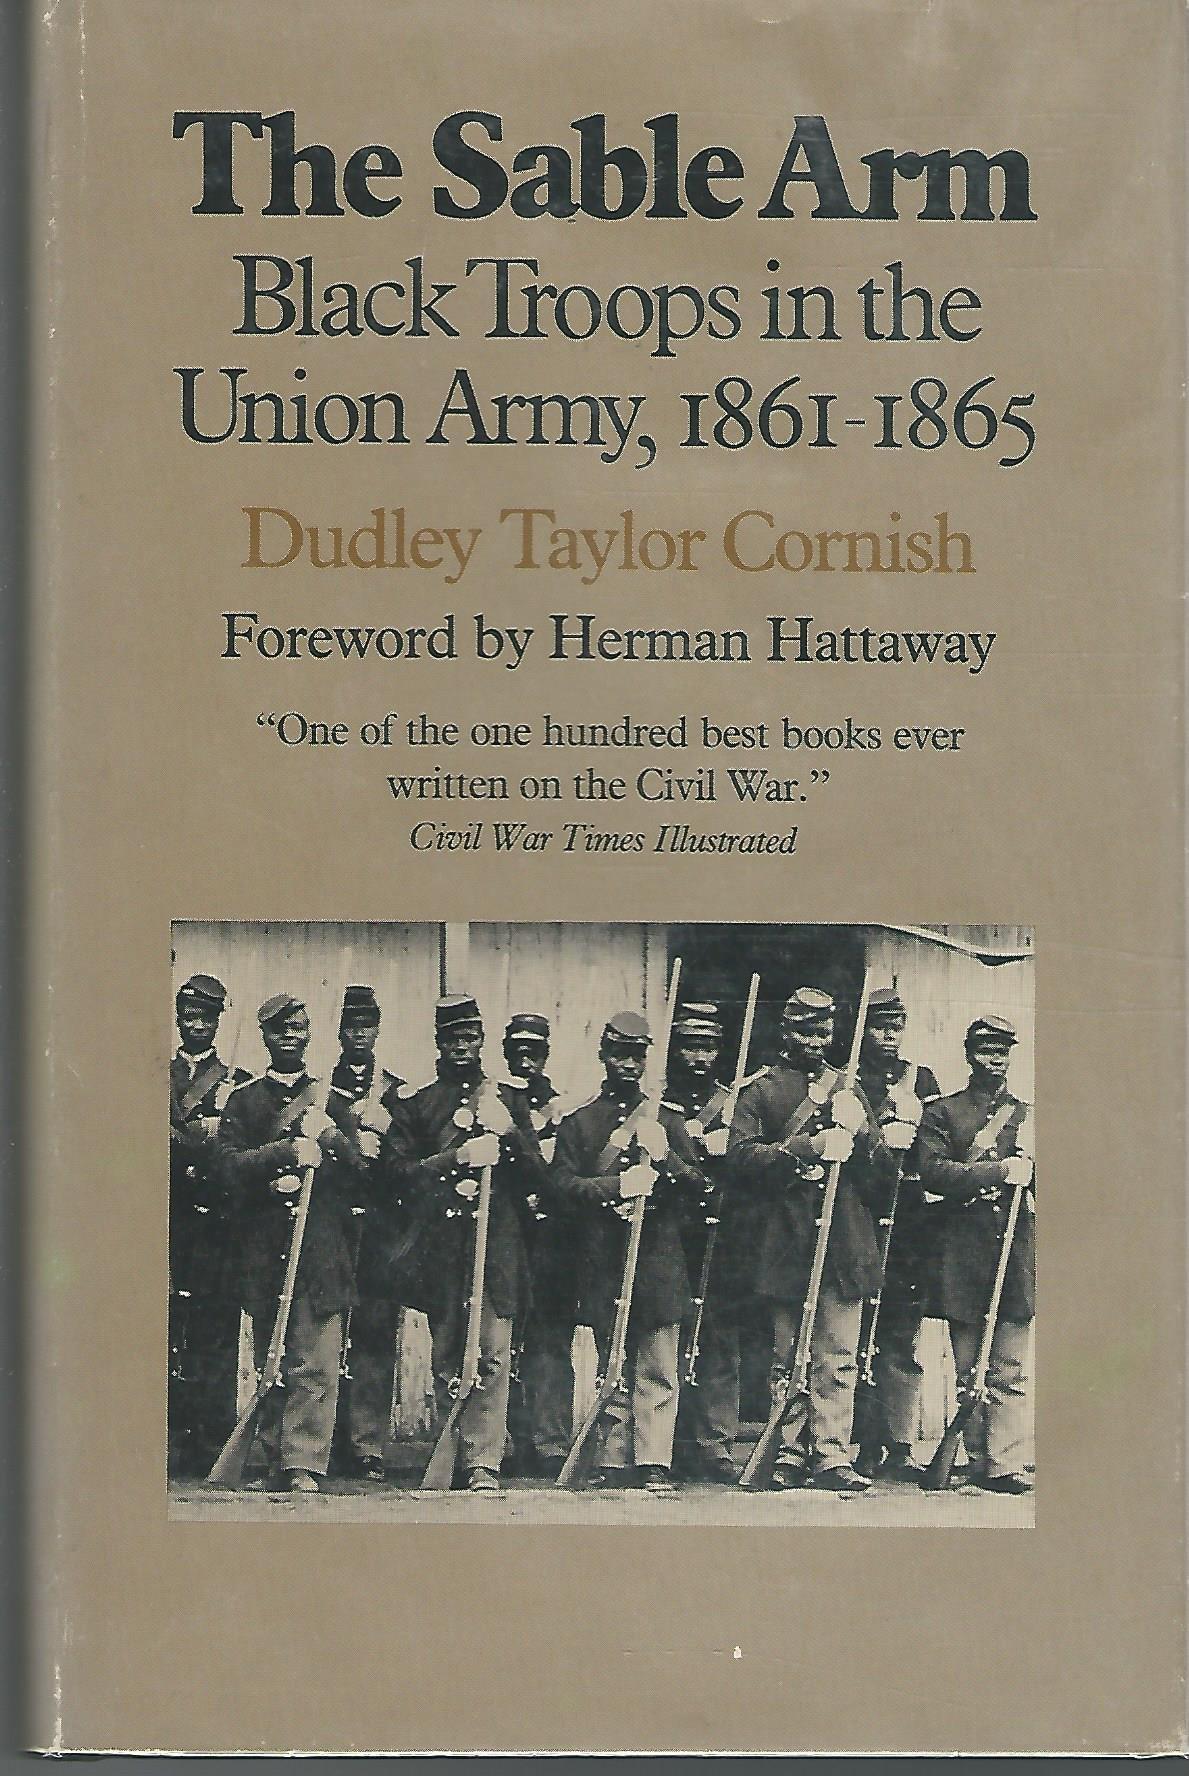 Sable Arm: Black Troops in the Union Army, 1861-65: Amazon.es: Cornish, Dudley Taylor: Libros en idiomas extranjeros